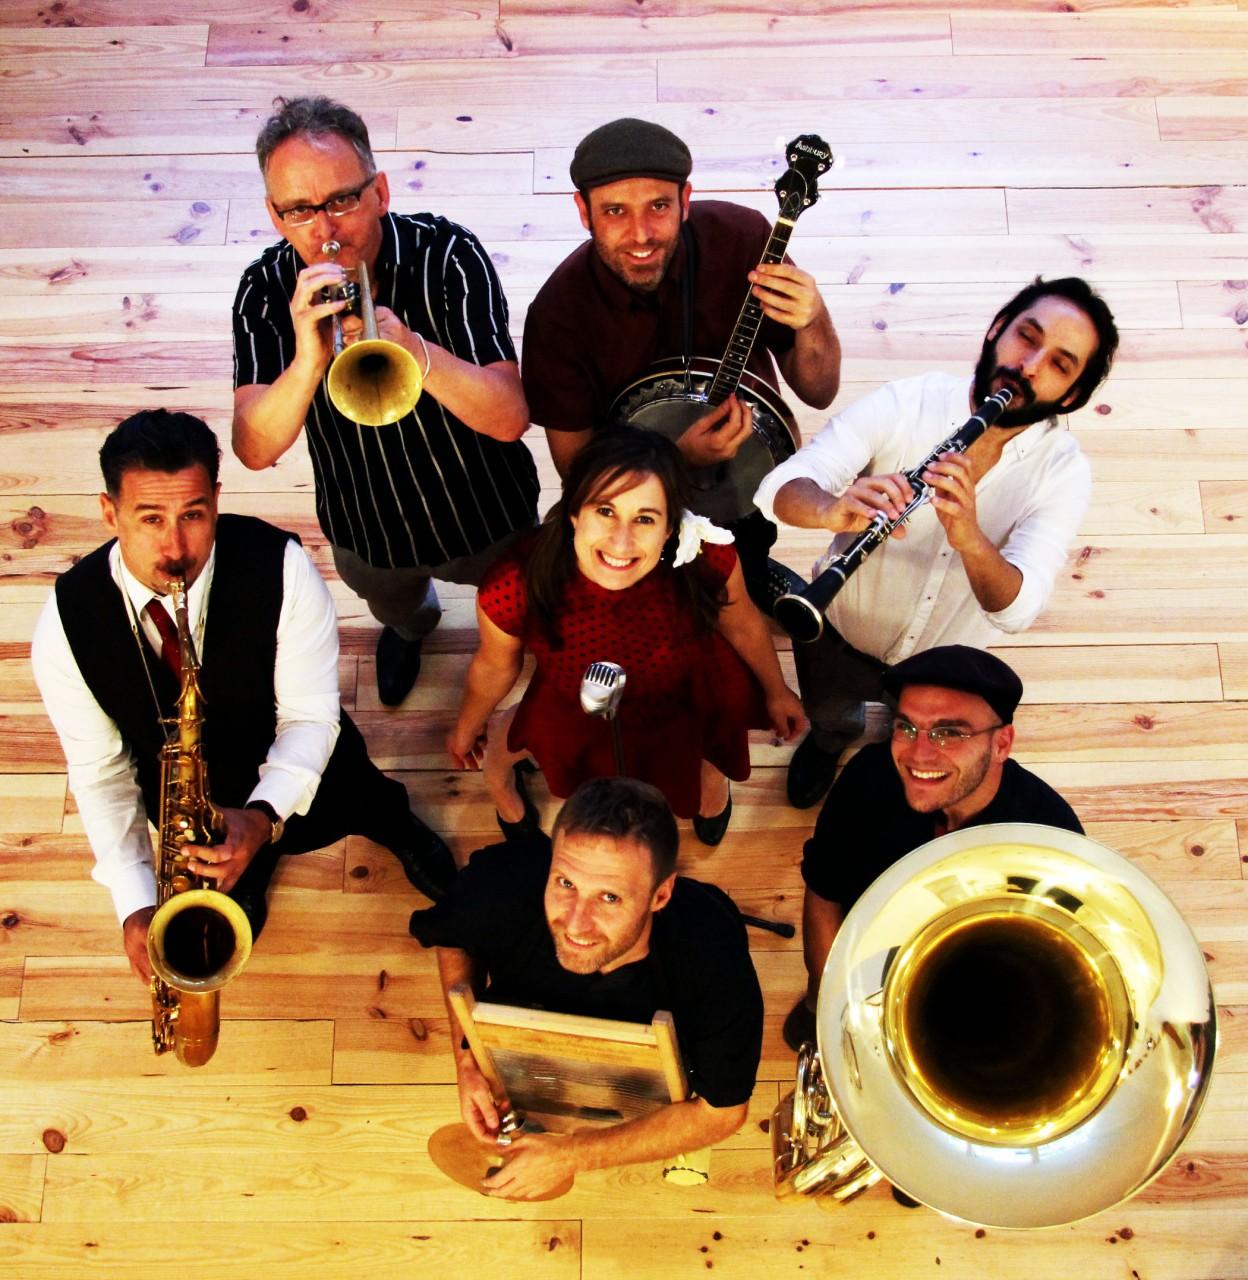 Artistas de la lista de canciones de jazz vintage de 2007